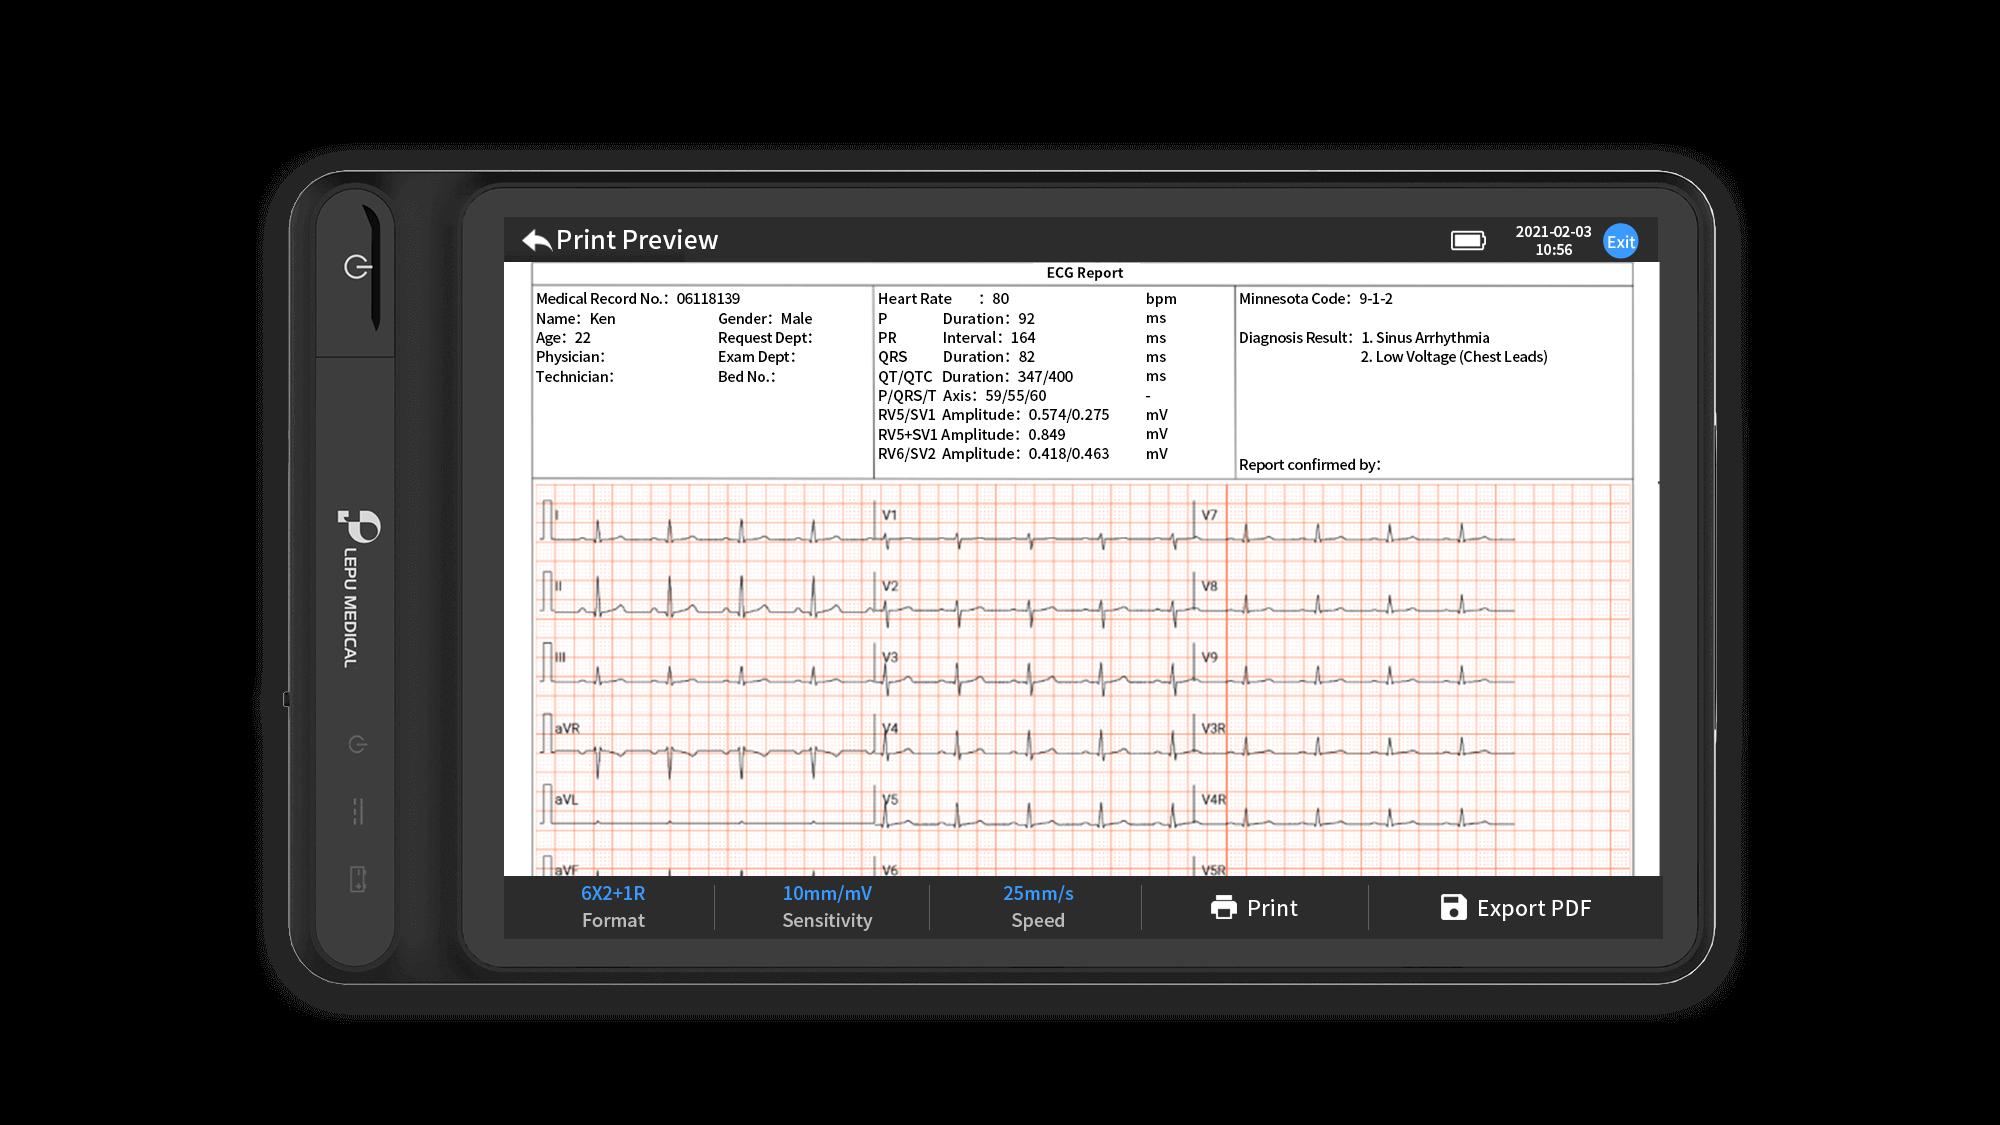 Informe de ECG en la pantalla para mostrar formas de onda y datos relacionados con el corazón.